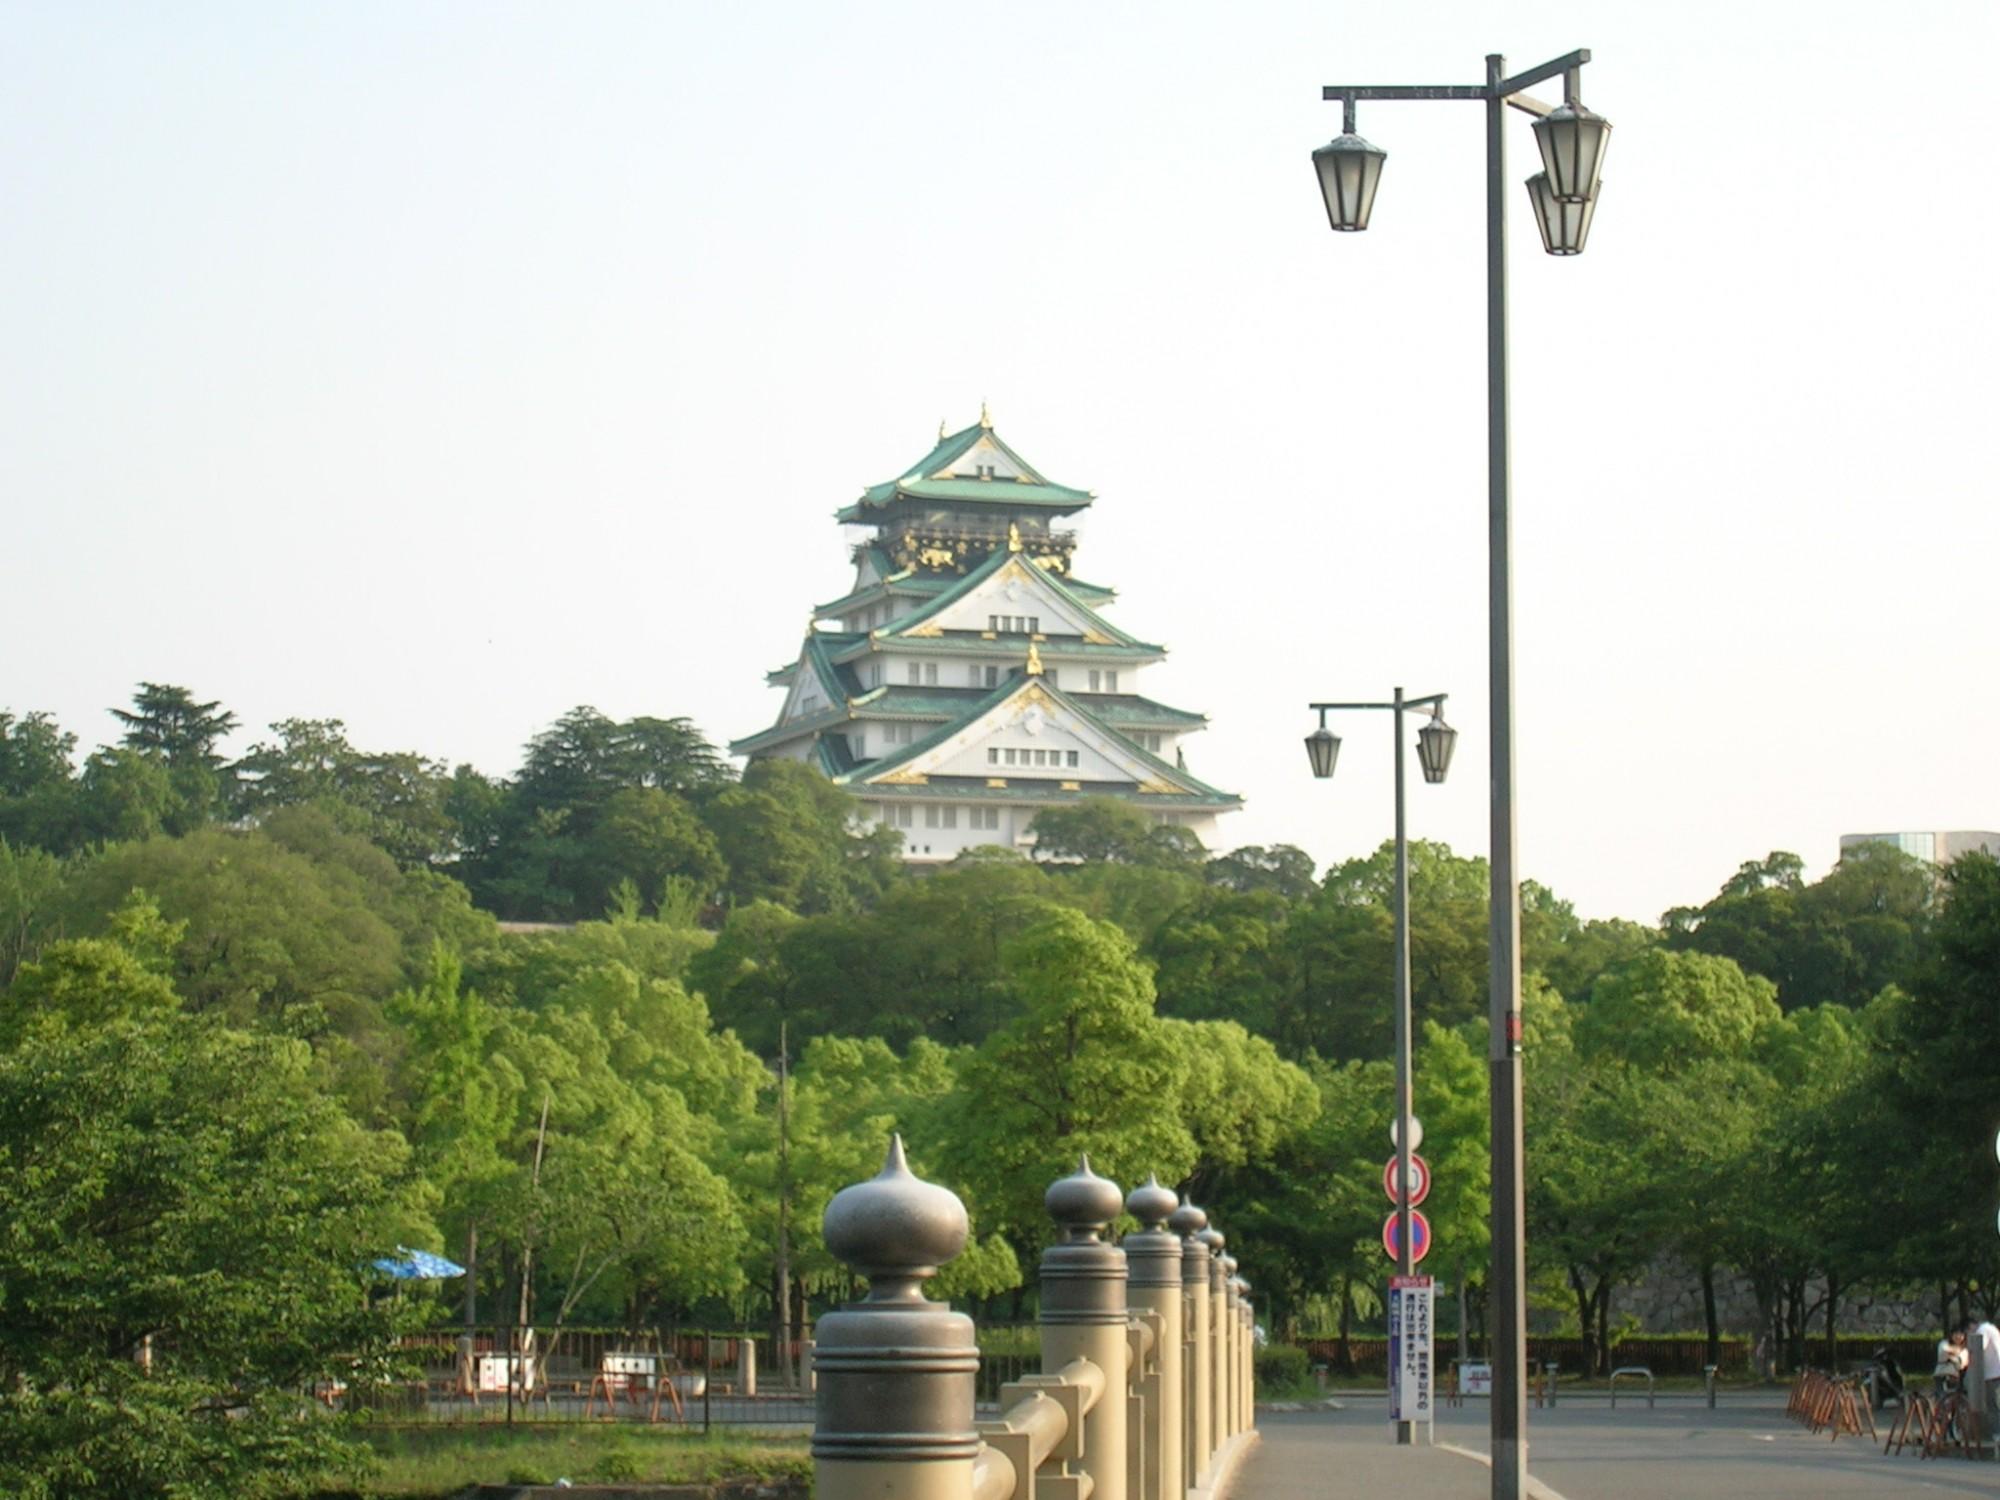 歴史を感じる大阪城!現代も資本主義という下克上?